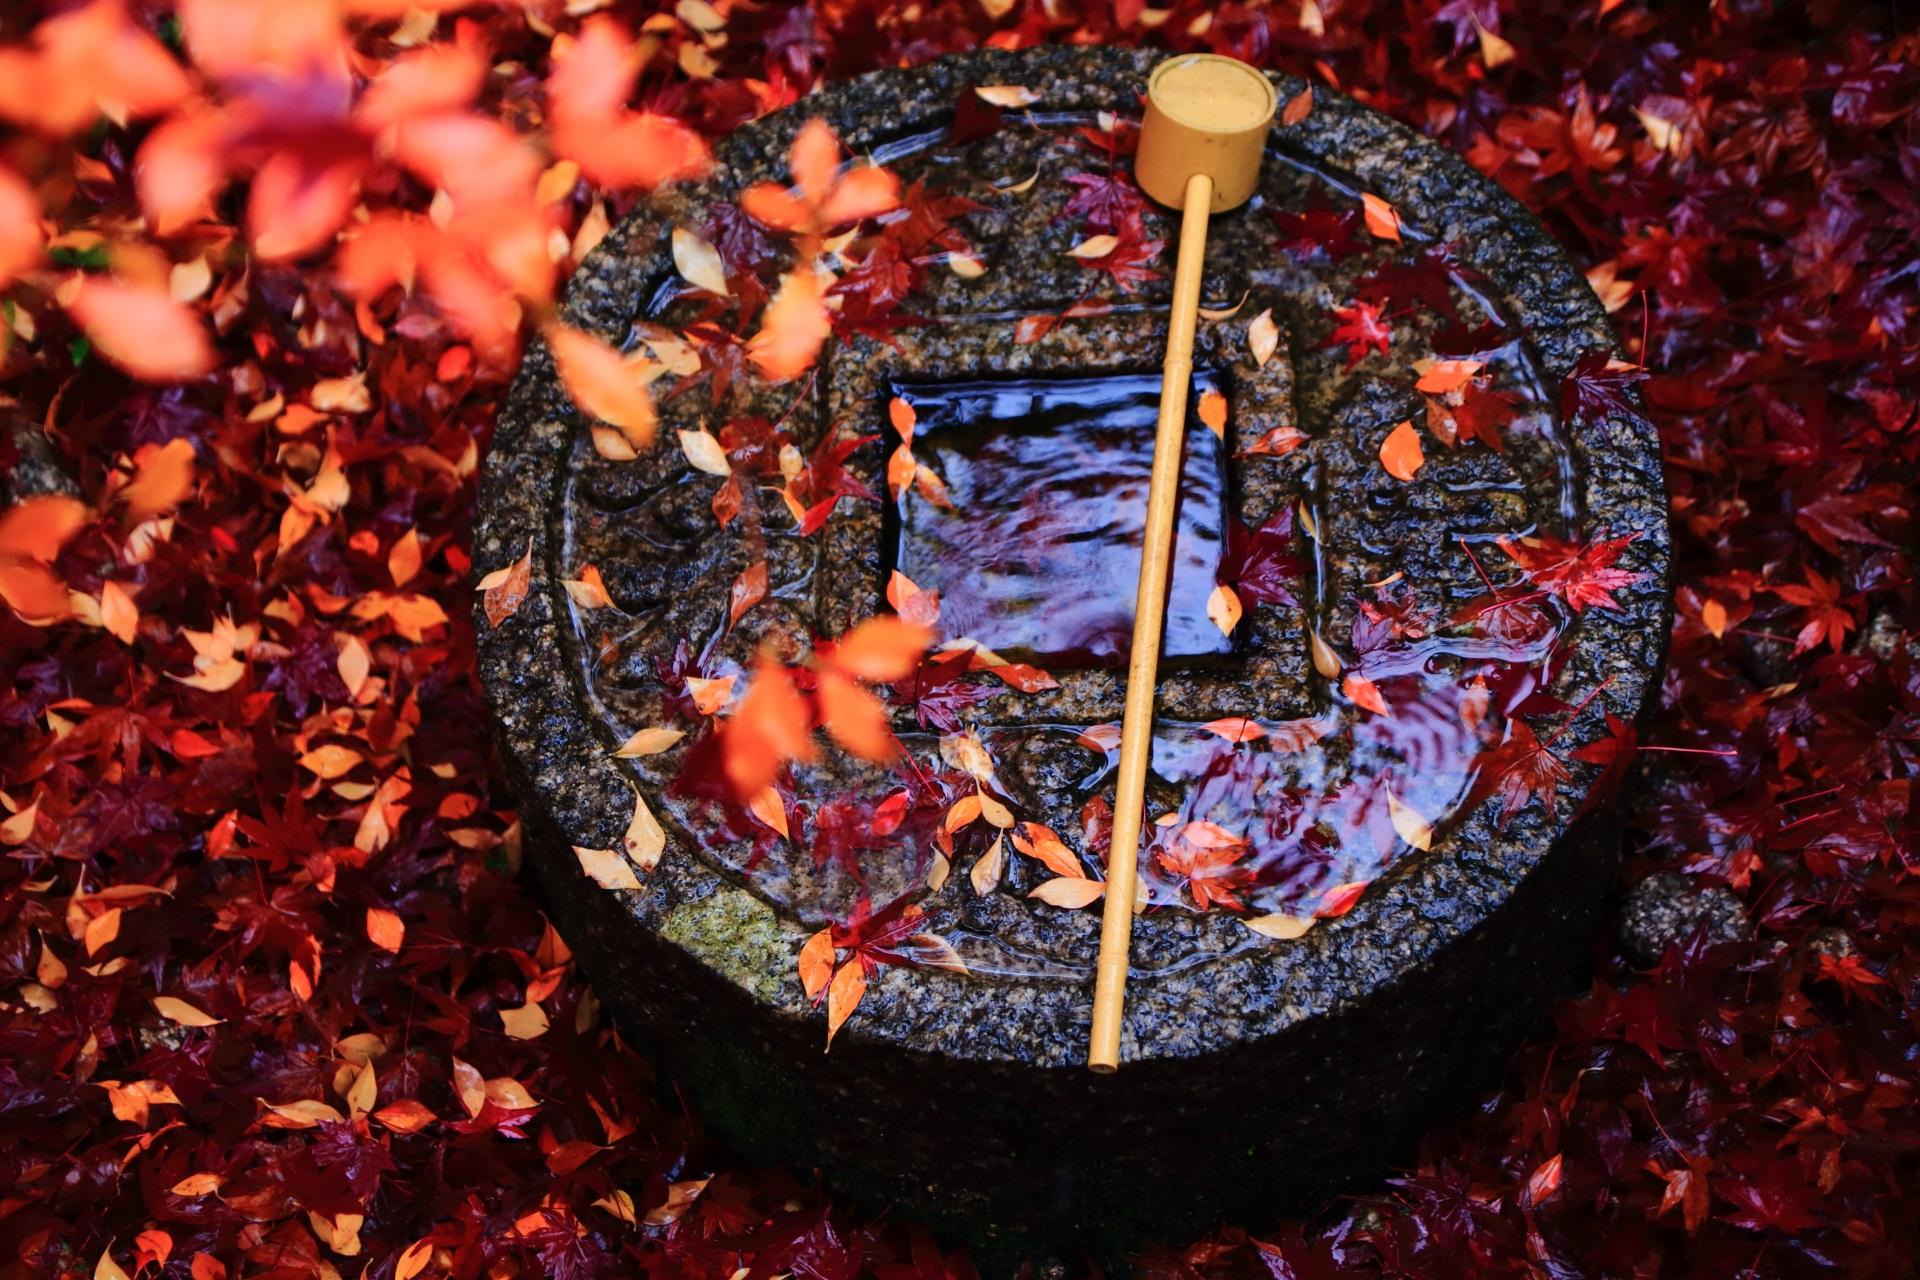 もみじとツツジが散る雨で濡れた金福寺の蹲(つくばい)